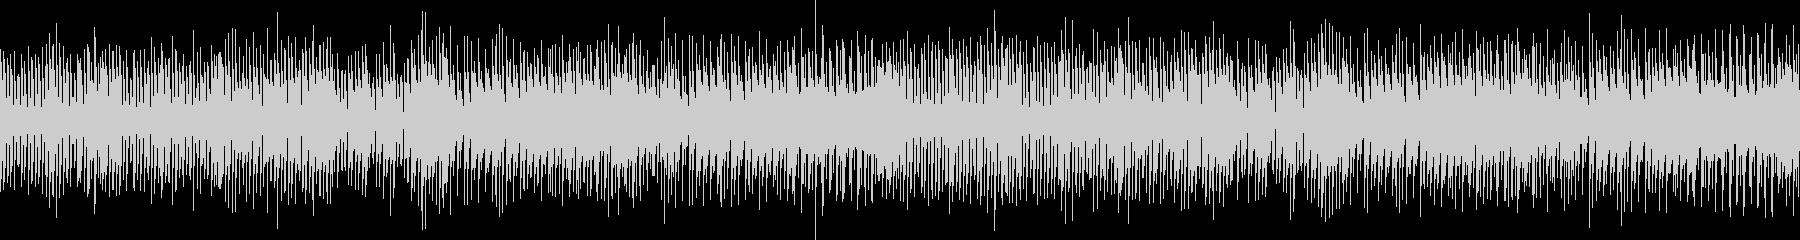 パズルやシューティングゲームに合う曲の未再生の波形